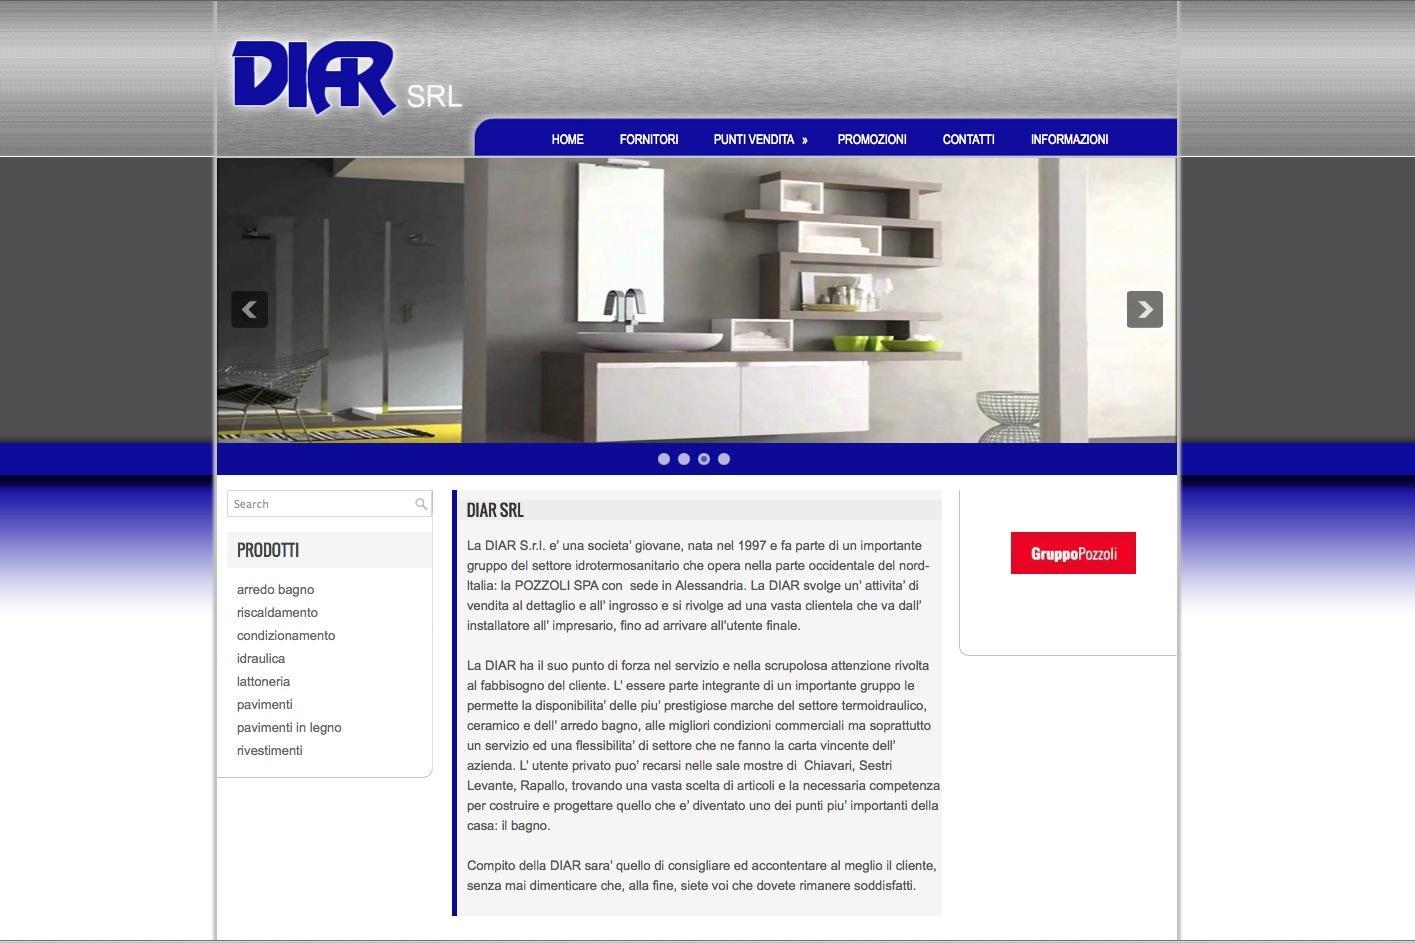 realizzazione sito web diar srl - sestri levante/chiavari/rapallo ... - Arredo Bagno Sestri Levante